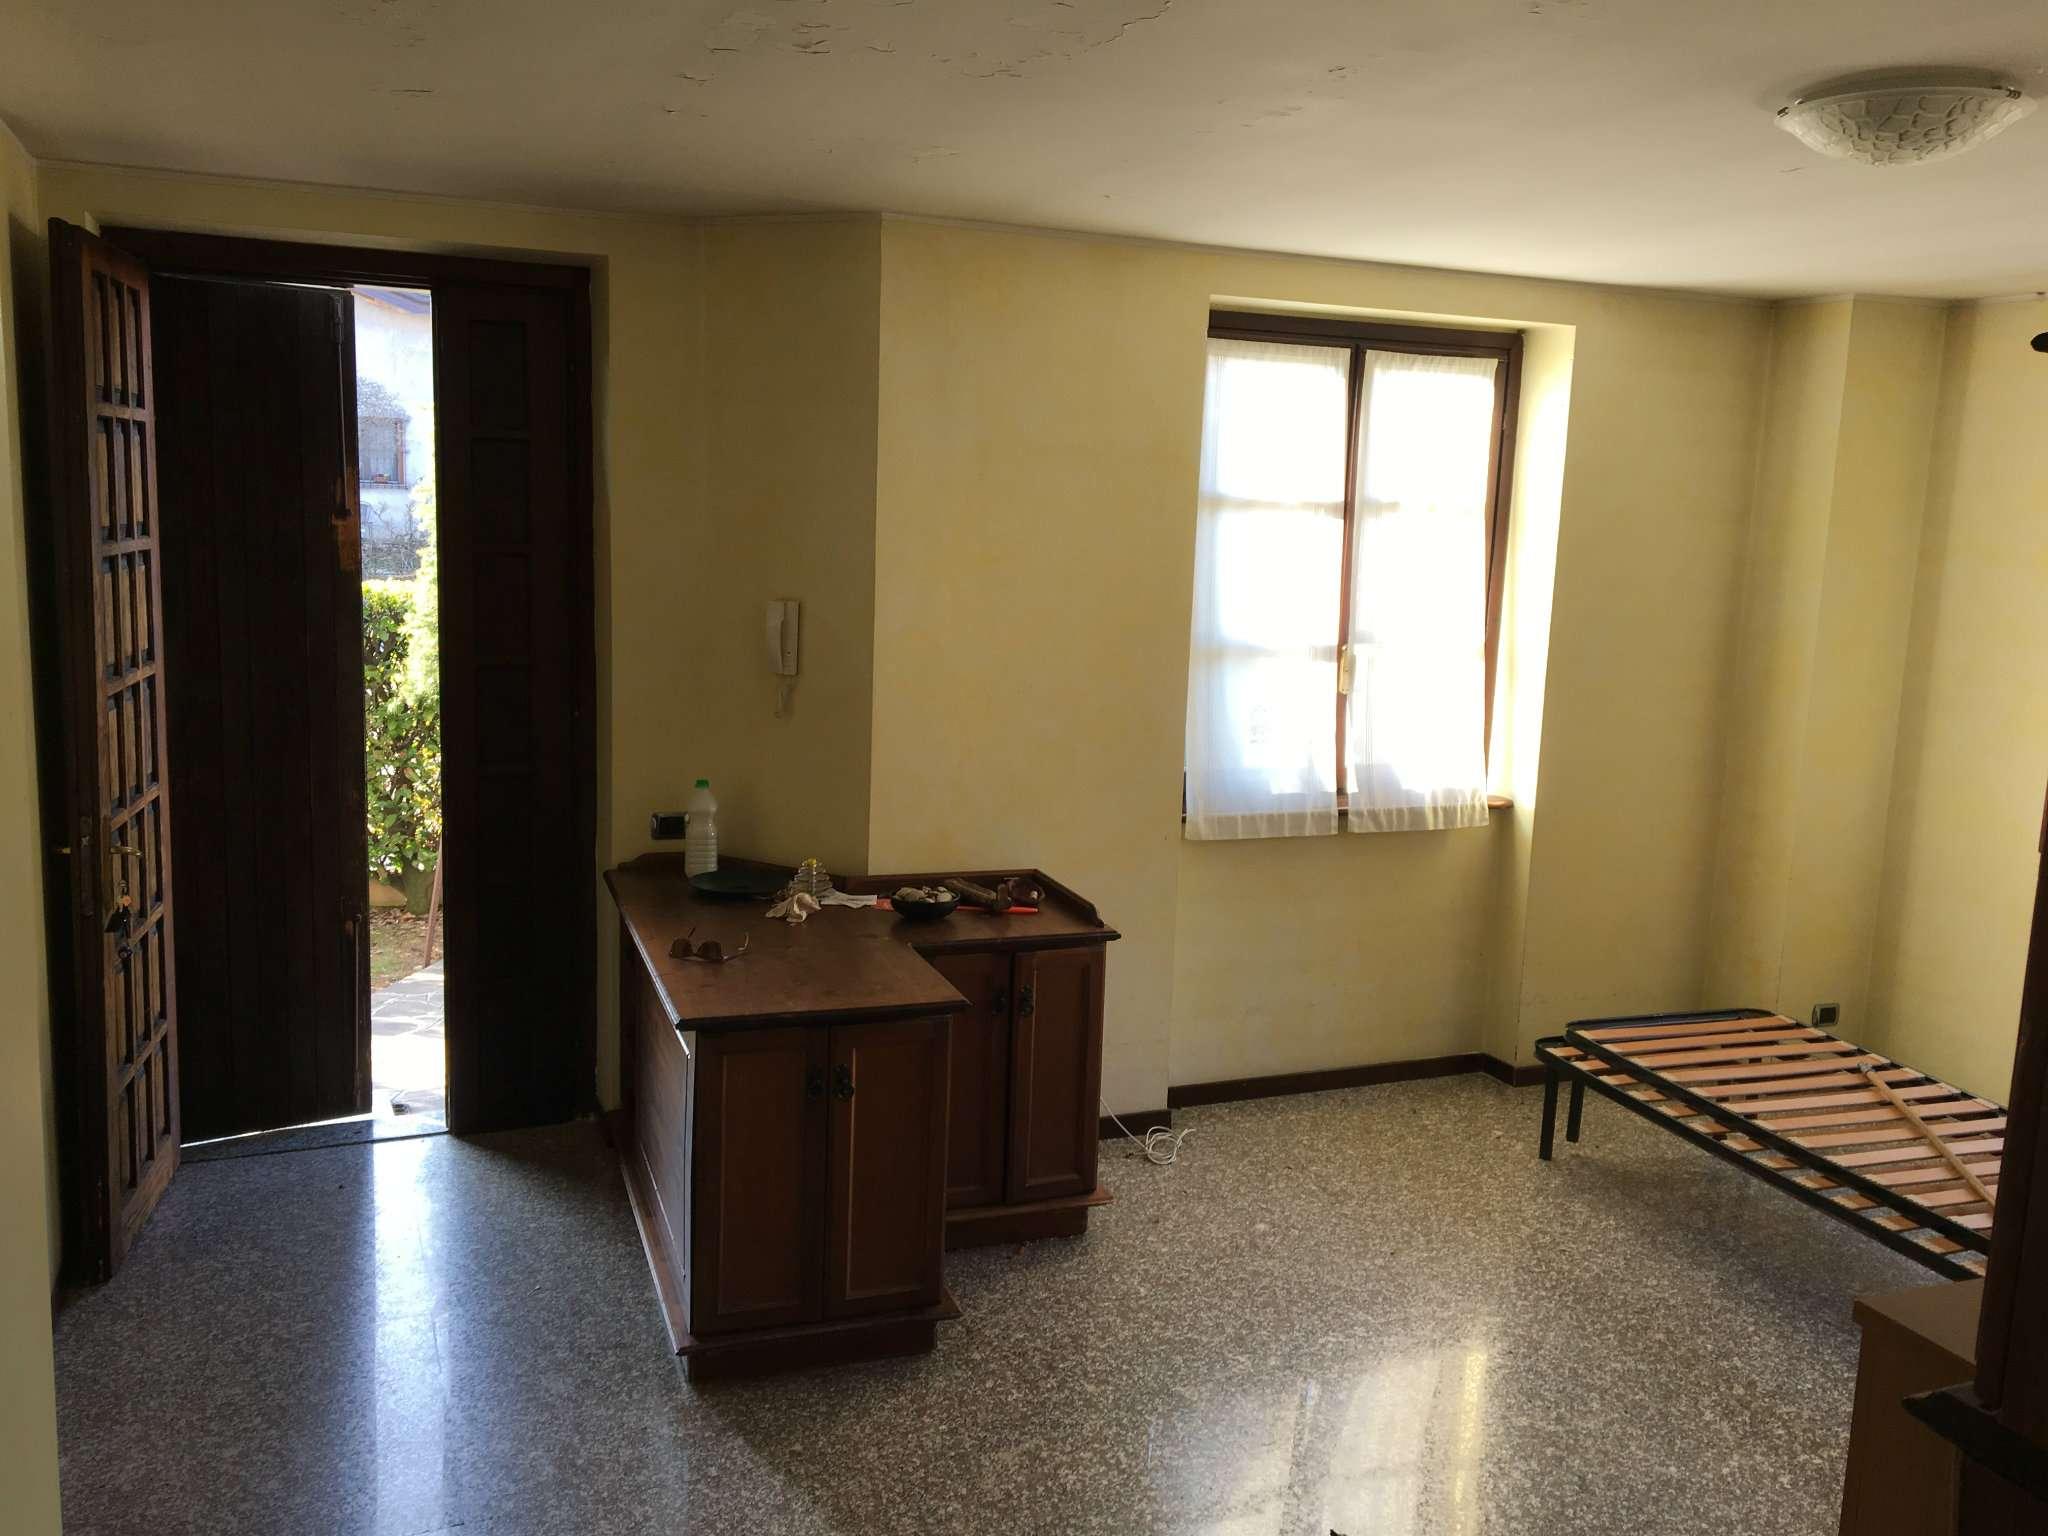 Villa in vendita a Mozzate, 4 locali, prezzo € 270.000 | Cambio Casa.it